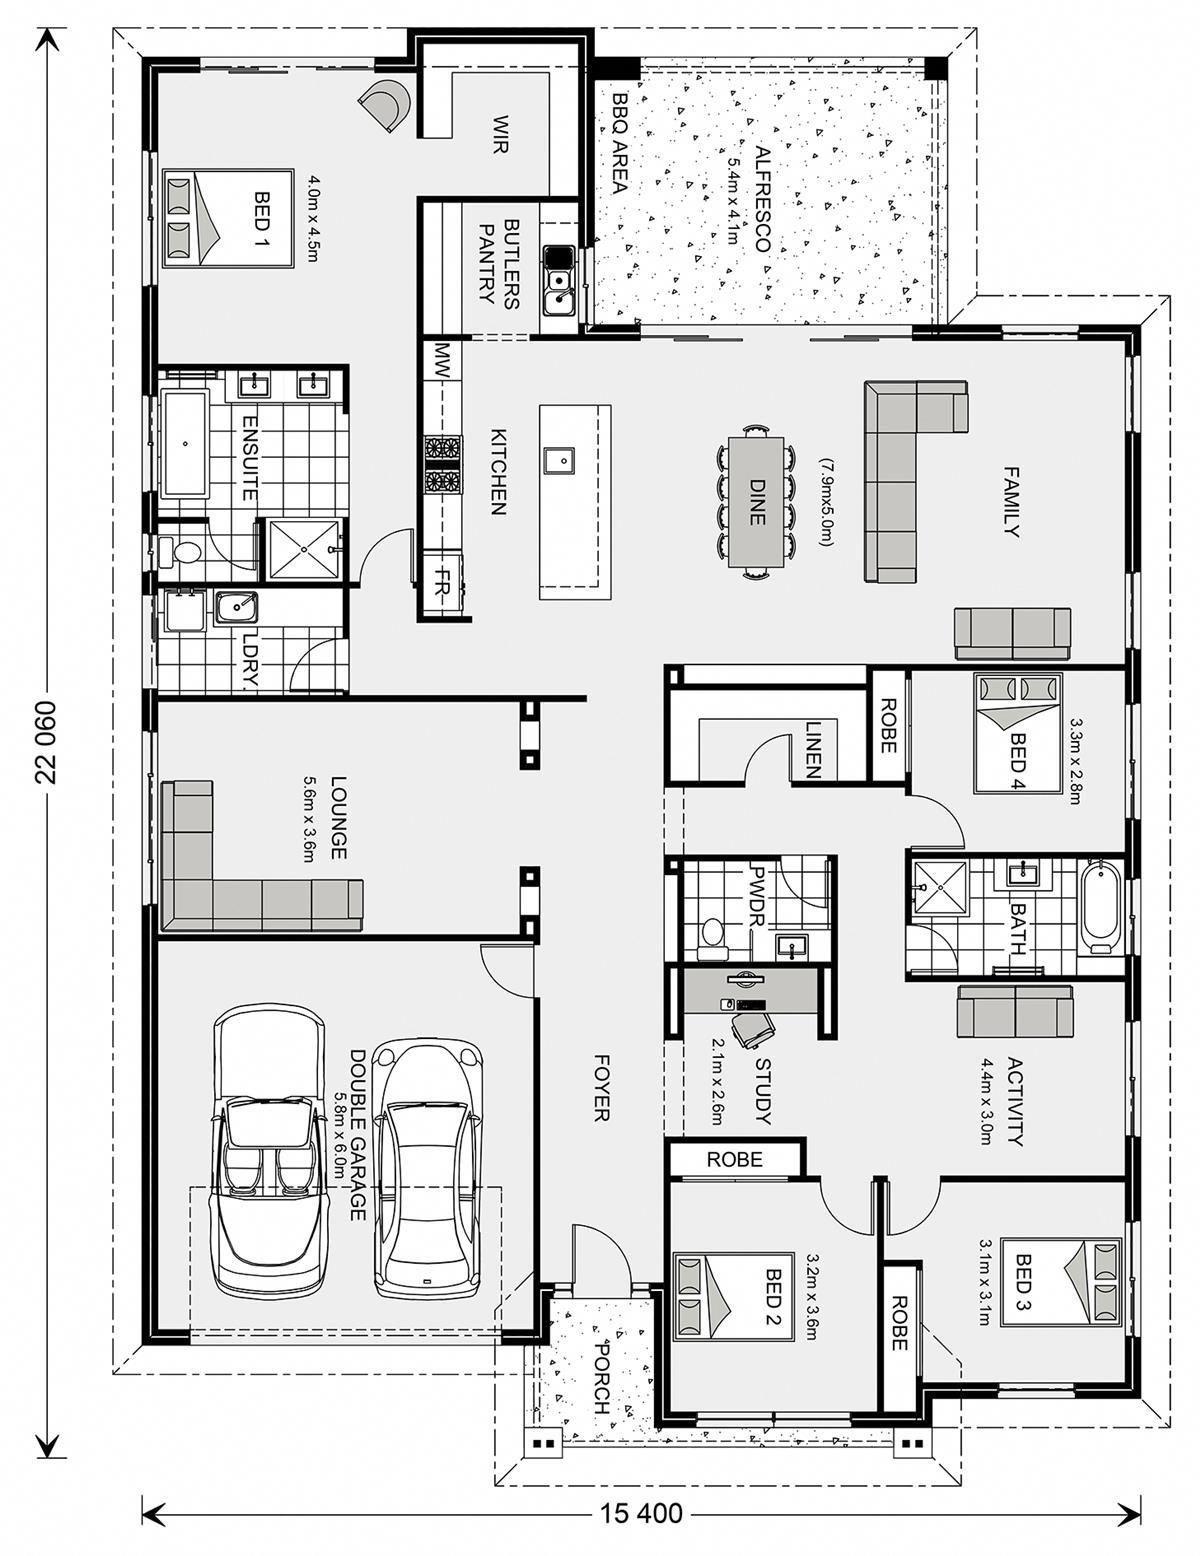 Forest Park 307 Home Designs In Newcastle G J Gardner Homes Modernhomedecorbedroom House Blueprints New House Plans House Design